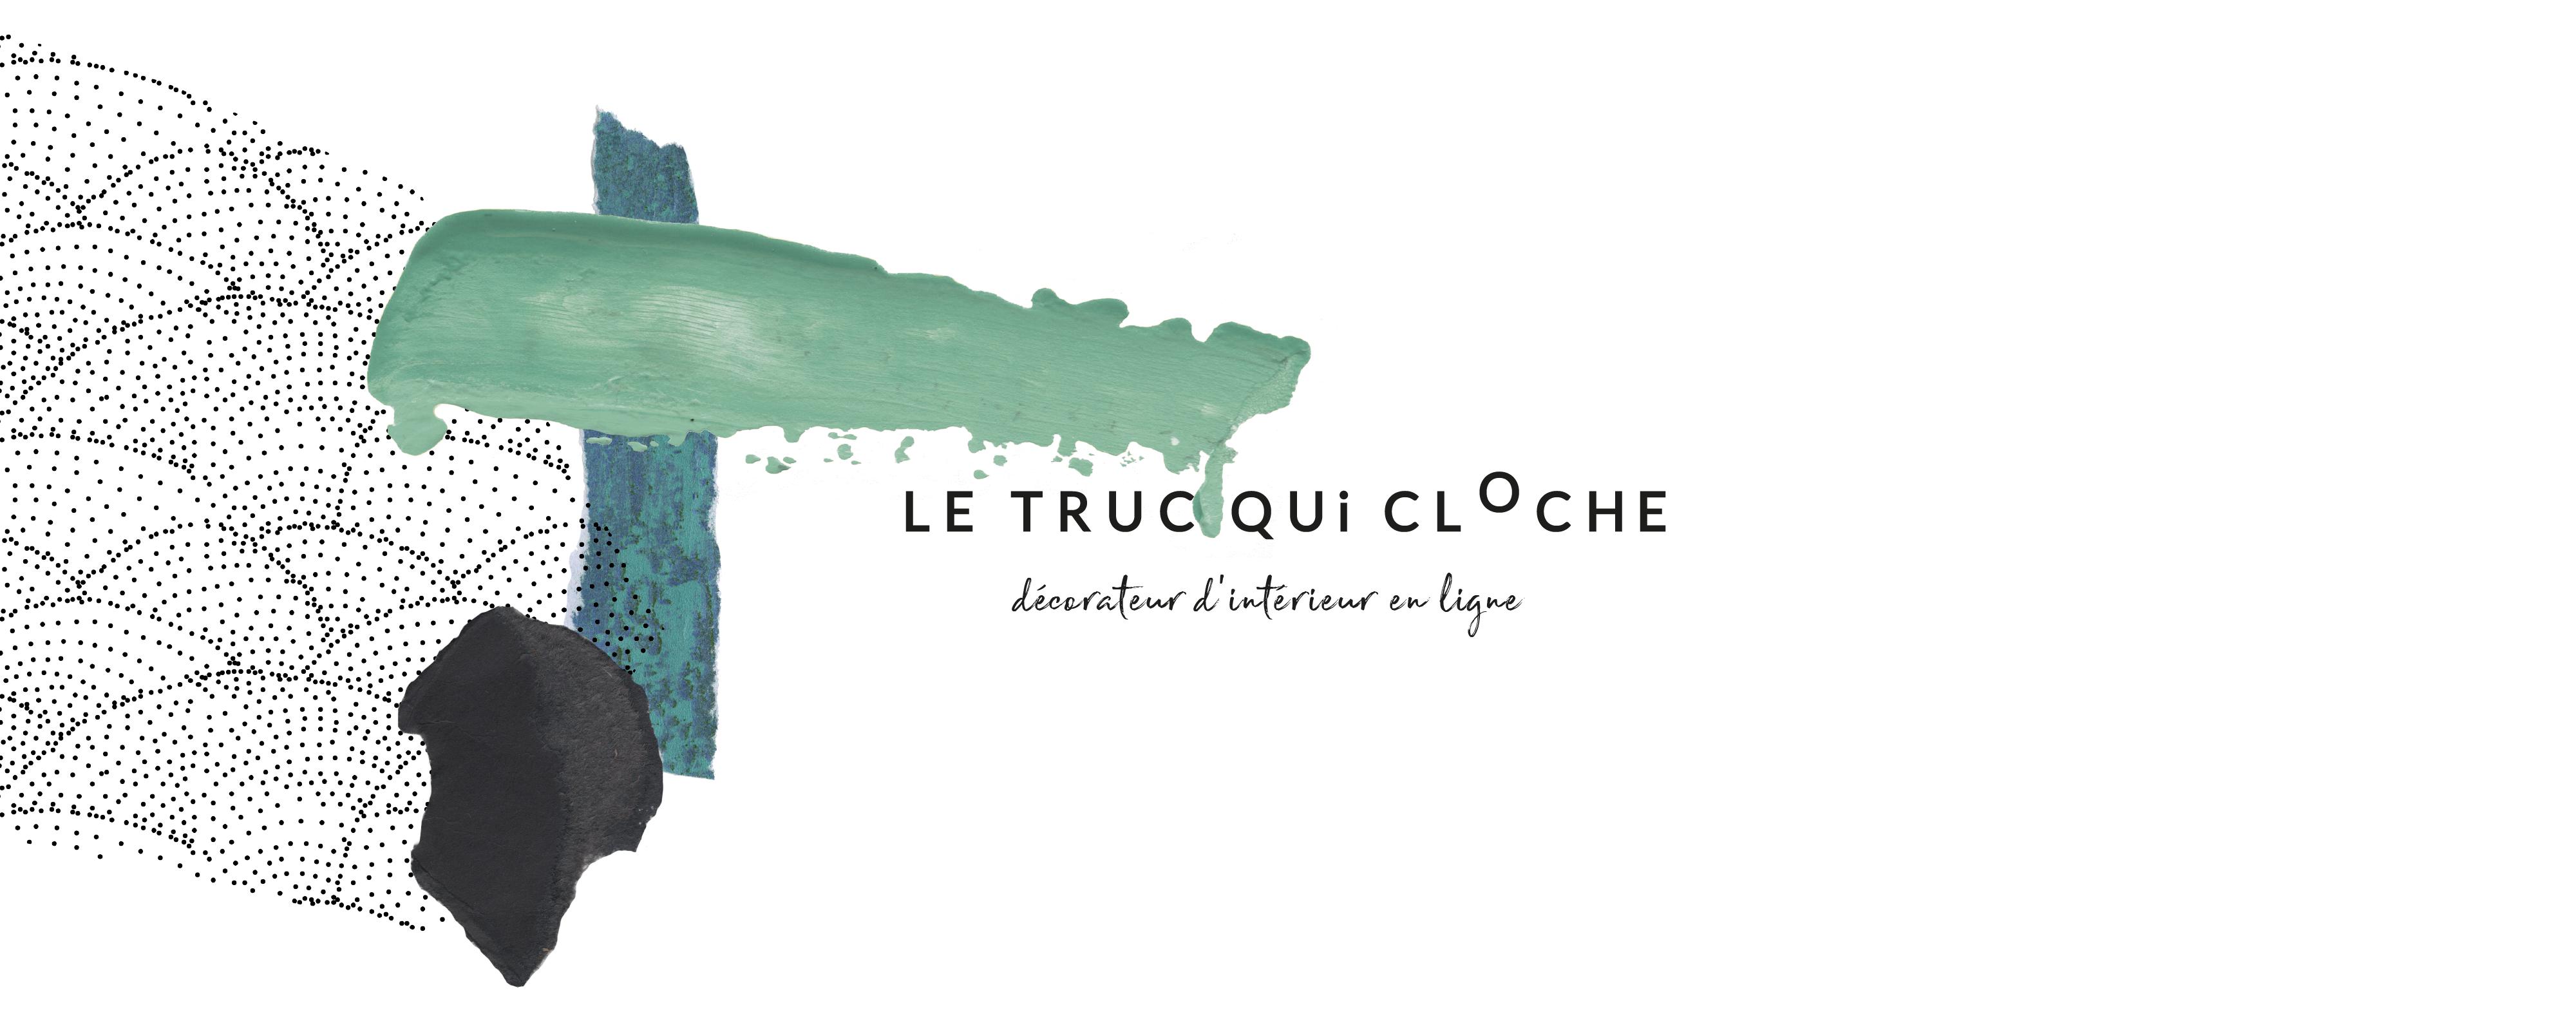 leTrucQuiCloche